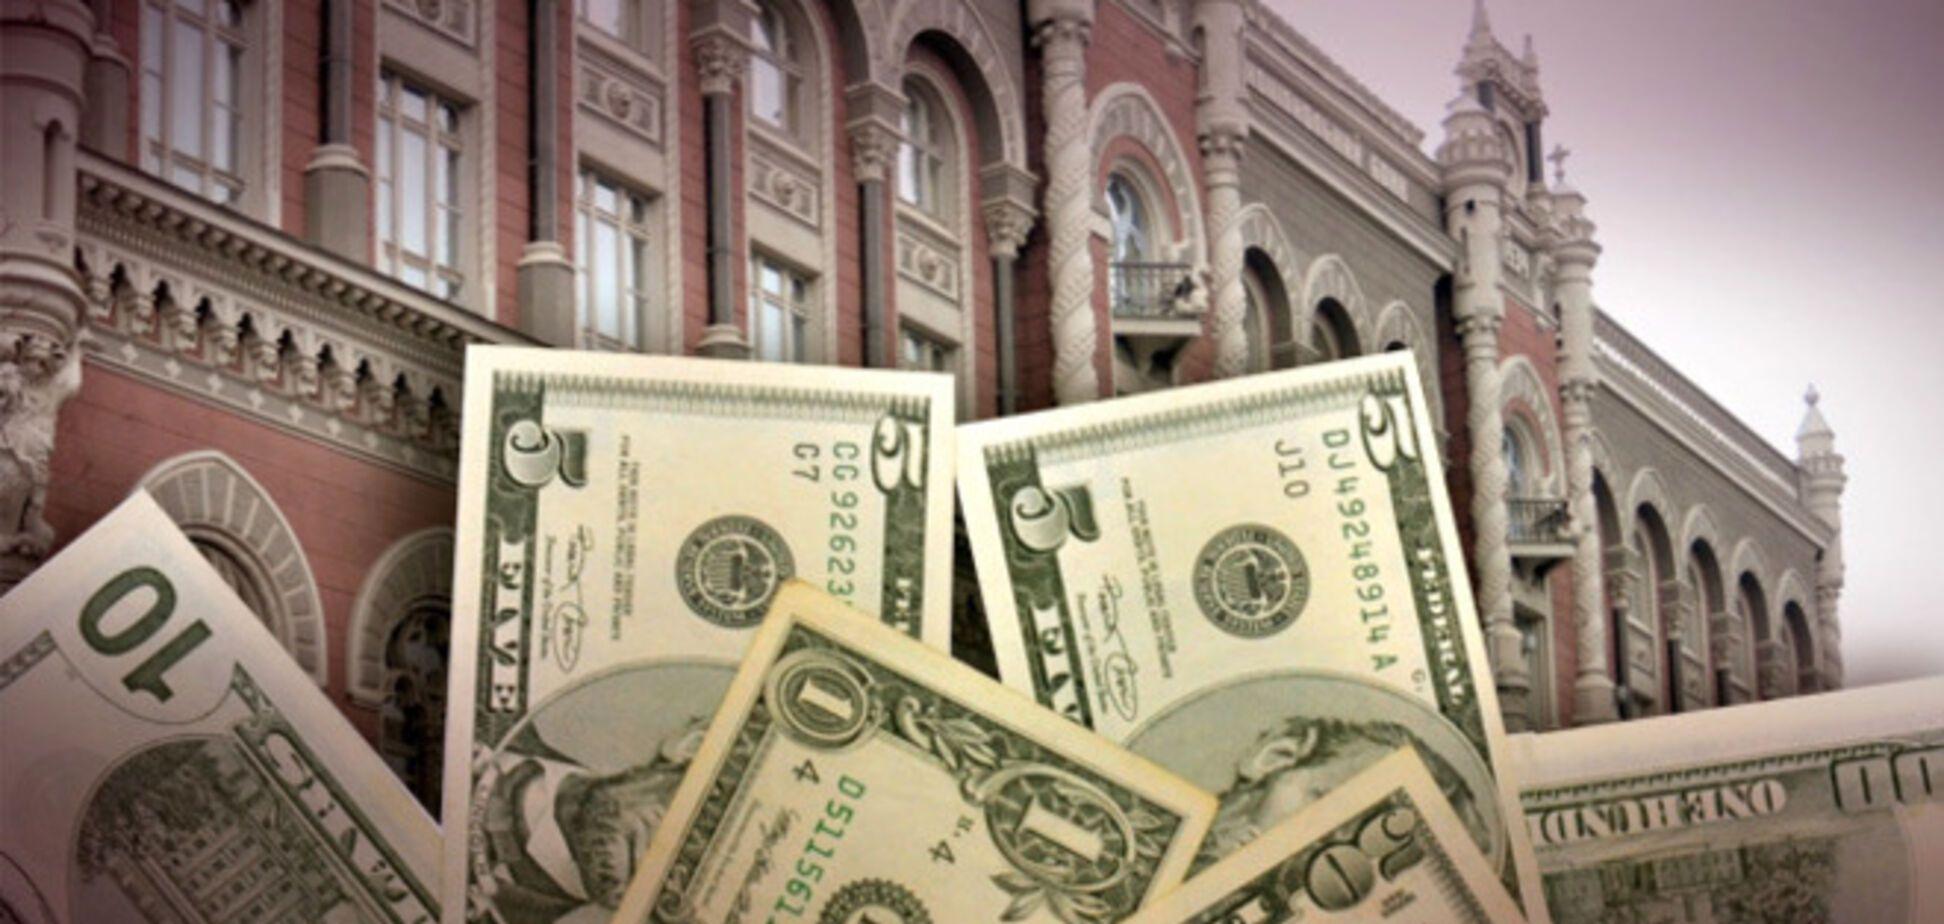 НБУ переводит валютные кредиты в гривню по курсу 7,99